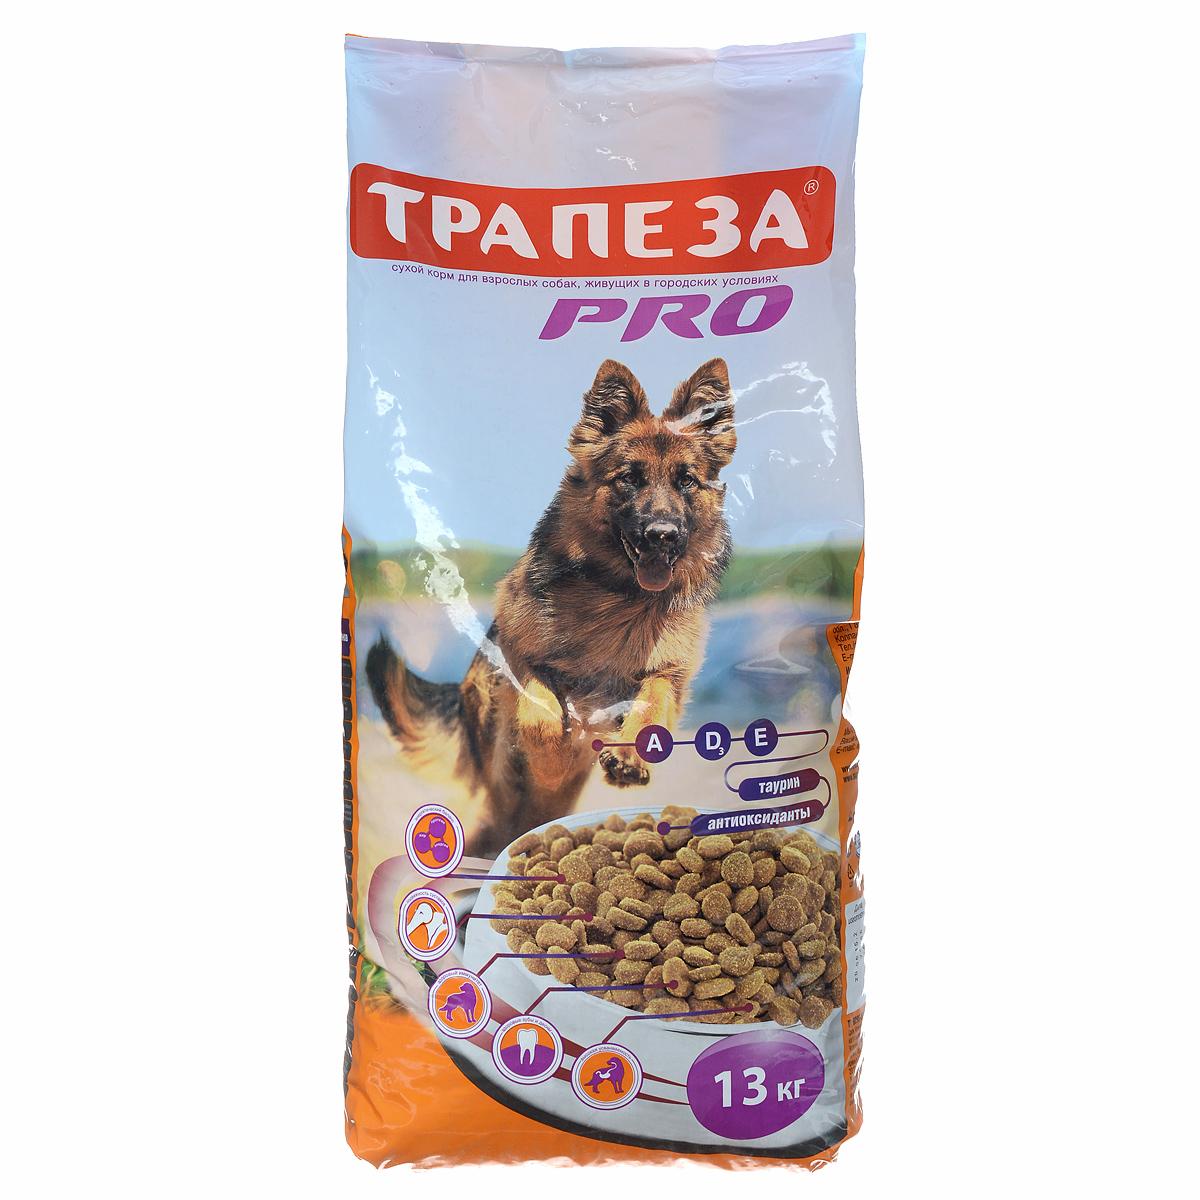 Корм сухой Трапеза Pro для собак с повышенной активностью, 13 кг59889Корм Трапеза Pro - полноценный, сбалансированный сухой корм для взрослых собак, произведенный из сырья высокого качества. Состав корма специально разработан для кормления рабочих и служебных собак, а также собак с повышенным уровнем повседневной активности. Правильный уровень витаминов группы B благотворно влияют на кожу и шерсть животного, а оптимальное соотношение витаминов Е и С помогает укреплению иммунной системы. Благодаря содержащимся в корме белкам и жирам животного происхождения, собака получает все необходимые для полноценной здоровой жизни питательные вещества, которые максимально усваиваются и поддерживают вашу собаку в отличной форме. Кроме того, в корме Трапеза Pro содержится таурин, незаменимый для поддержания зрения и работы сердечно-сосудистой системы и, благодаря своим антиоксидантным свойствам, оказывает стабилизирующее действие на мембраны нервных клеток. Корм Трапеза Pro снижает риск возникновения аллергических реакций у животного, благодаря использованию в них только натуральных ингредиентов и отсутствию красителей. Состав: злаки, пшеничные отруби, мясо и мясопродукты животного происхождения, экстракты белка растительного происхождения, подсолнечное масло, гидролизированная печень, минеральные добавки, пульпа сахарной свеклы (жом), витамины (в том числе таурин), антиоксидант. Пищевая ценность: сырой протеин 26%, сырой жир 12%, сырая зола 6%, сырая клетчатка 3%, влажность 9%, кальций 1%, фосфор 0,9%, витамин А: 6000 МЕ/кг, витамин D3: 1500 МЕ/кг, витамин Е: 200 мг/кг, таурин 0,2%. Корм также содержит витамины группы В, медь, цинк, калий, йод, селен. Энергетическая ценность: 346 ккал/100 г. Товар сертифицирован.